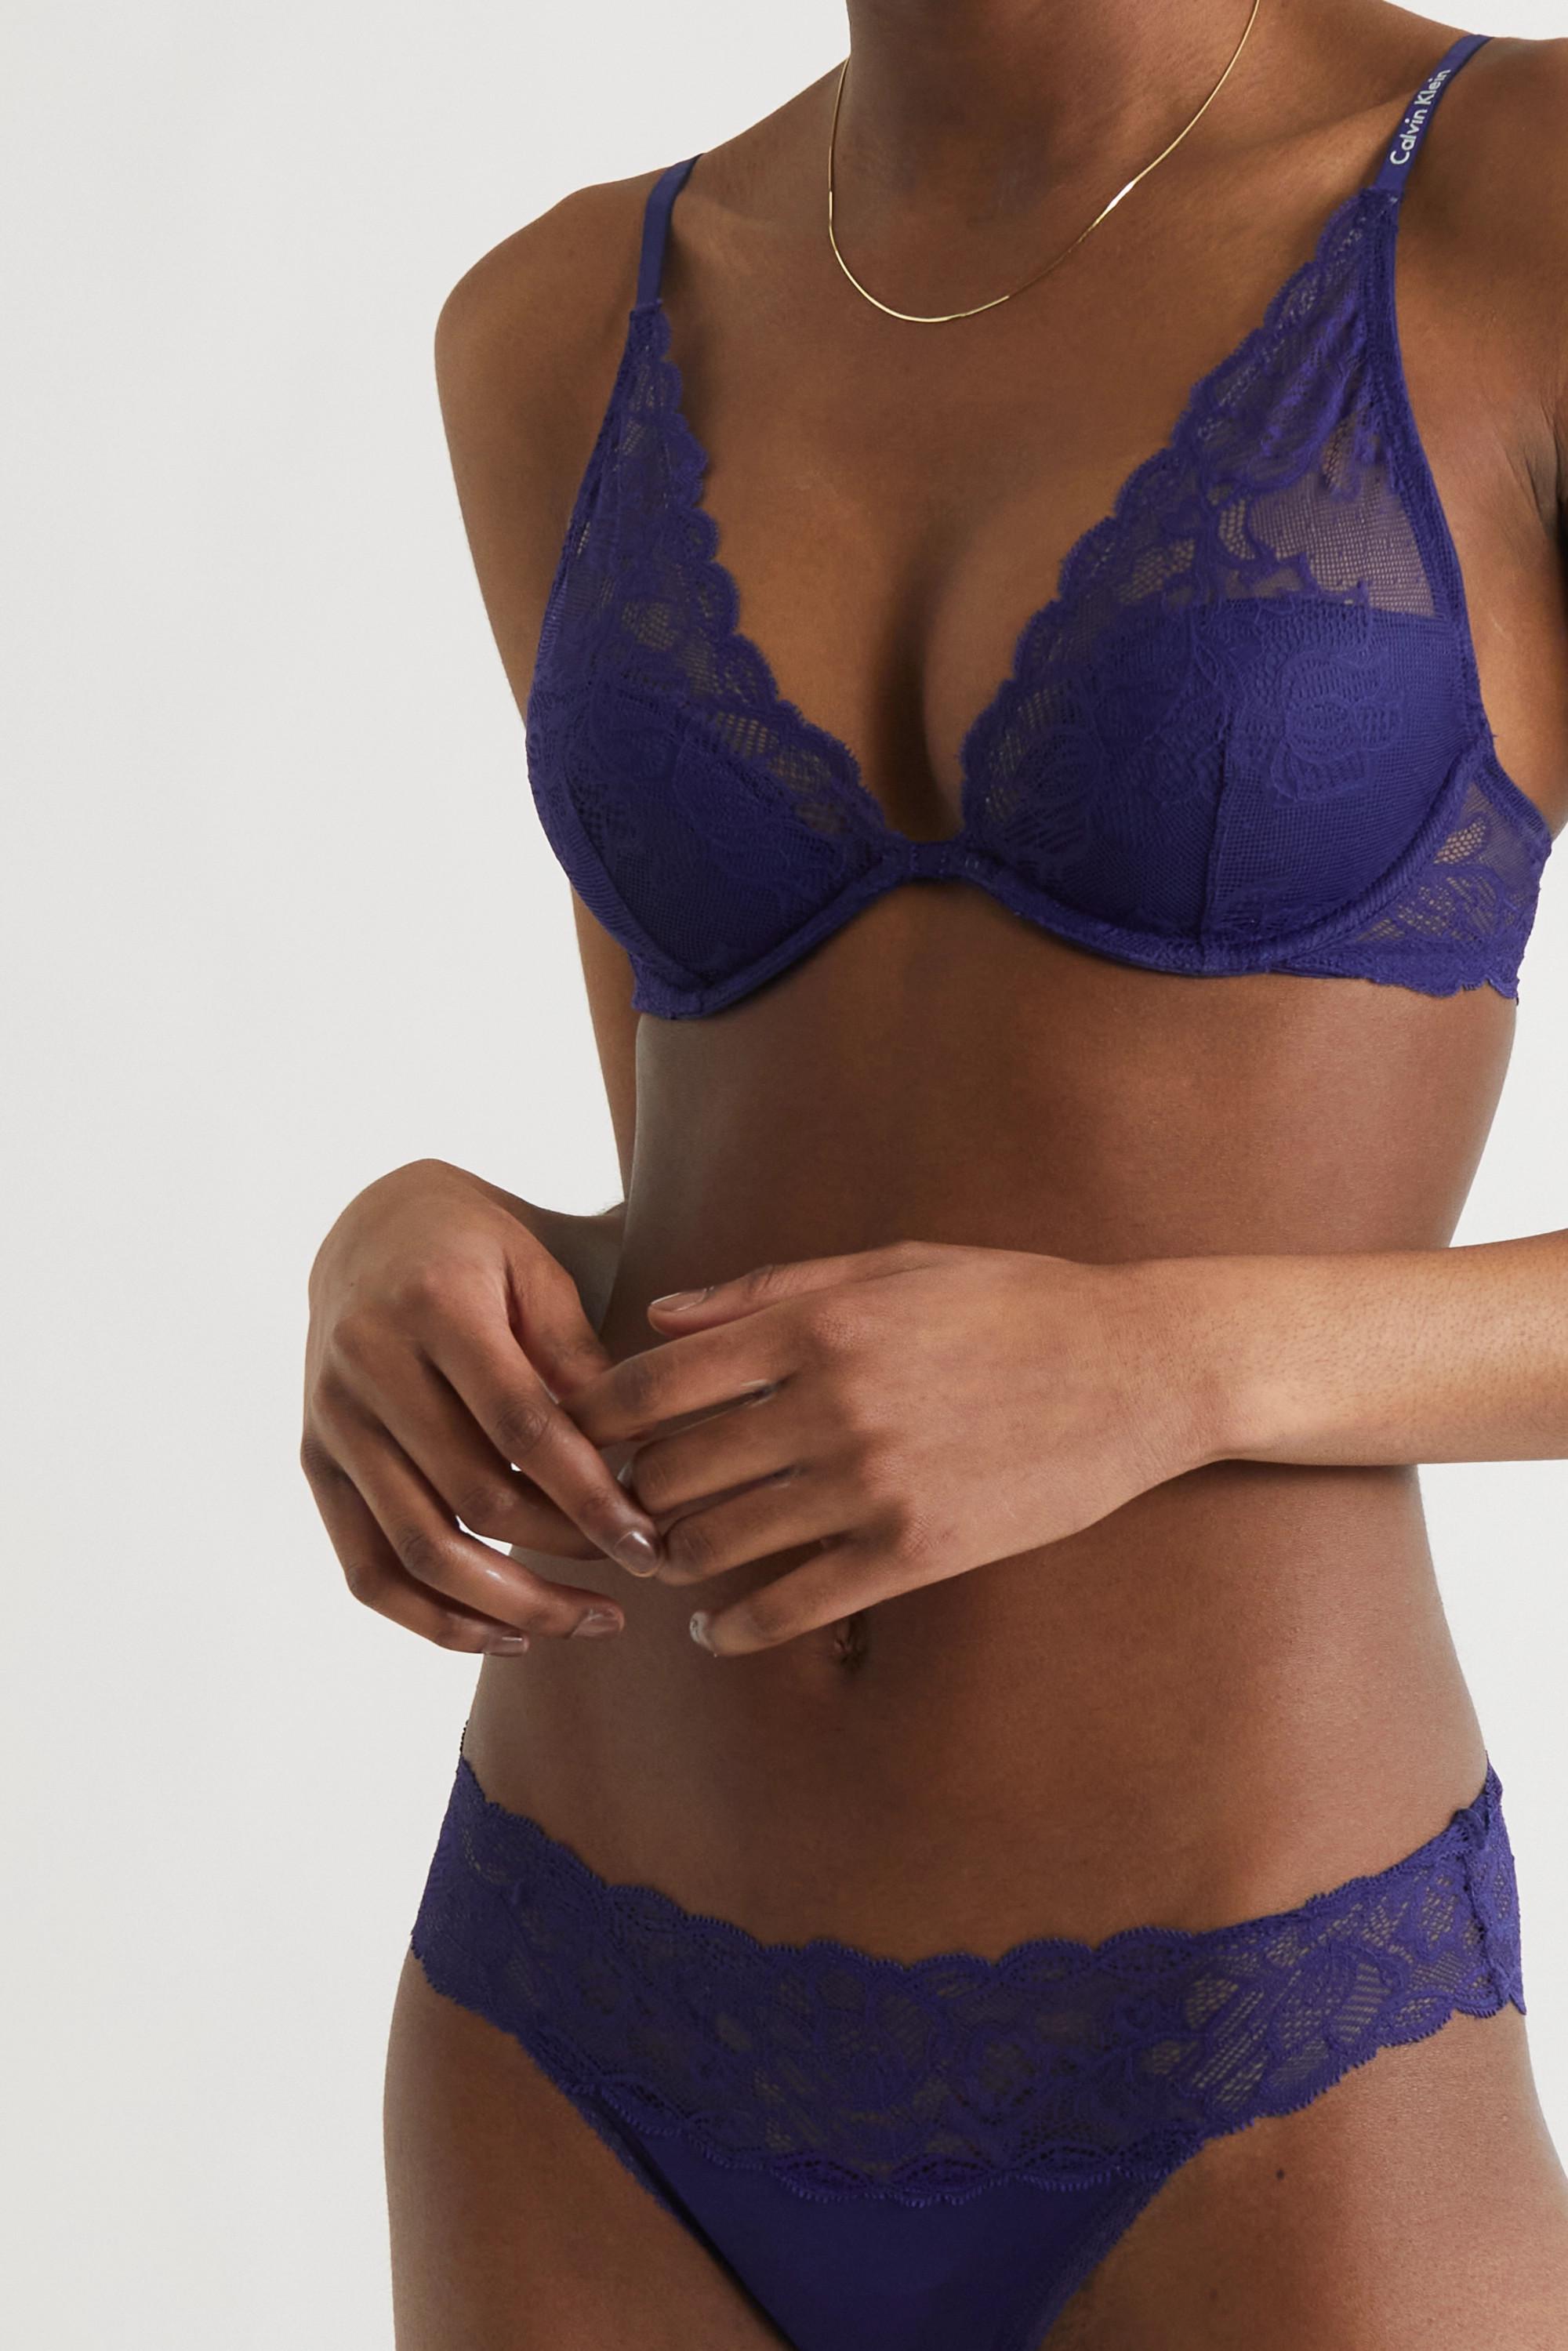 Calvin Klein Underwear Seductive Comfort stretch-lace underwired plunge bra